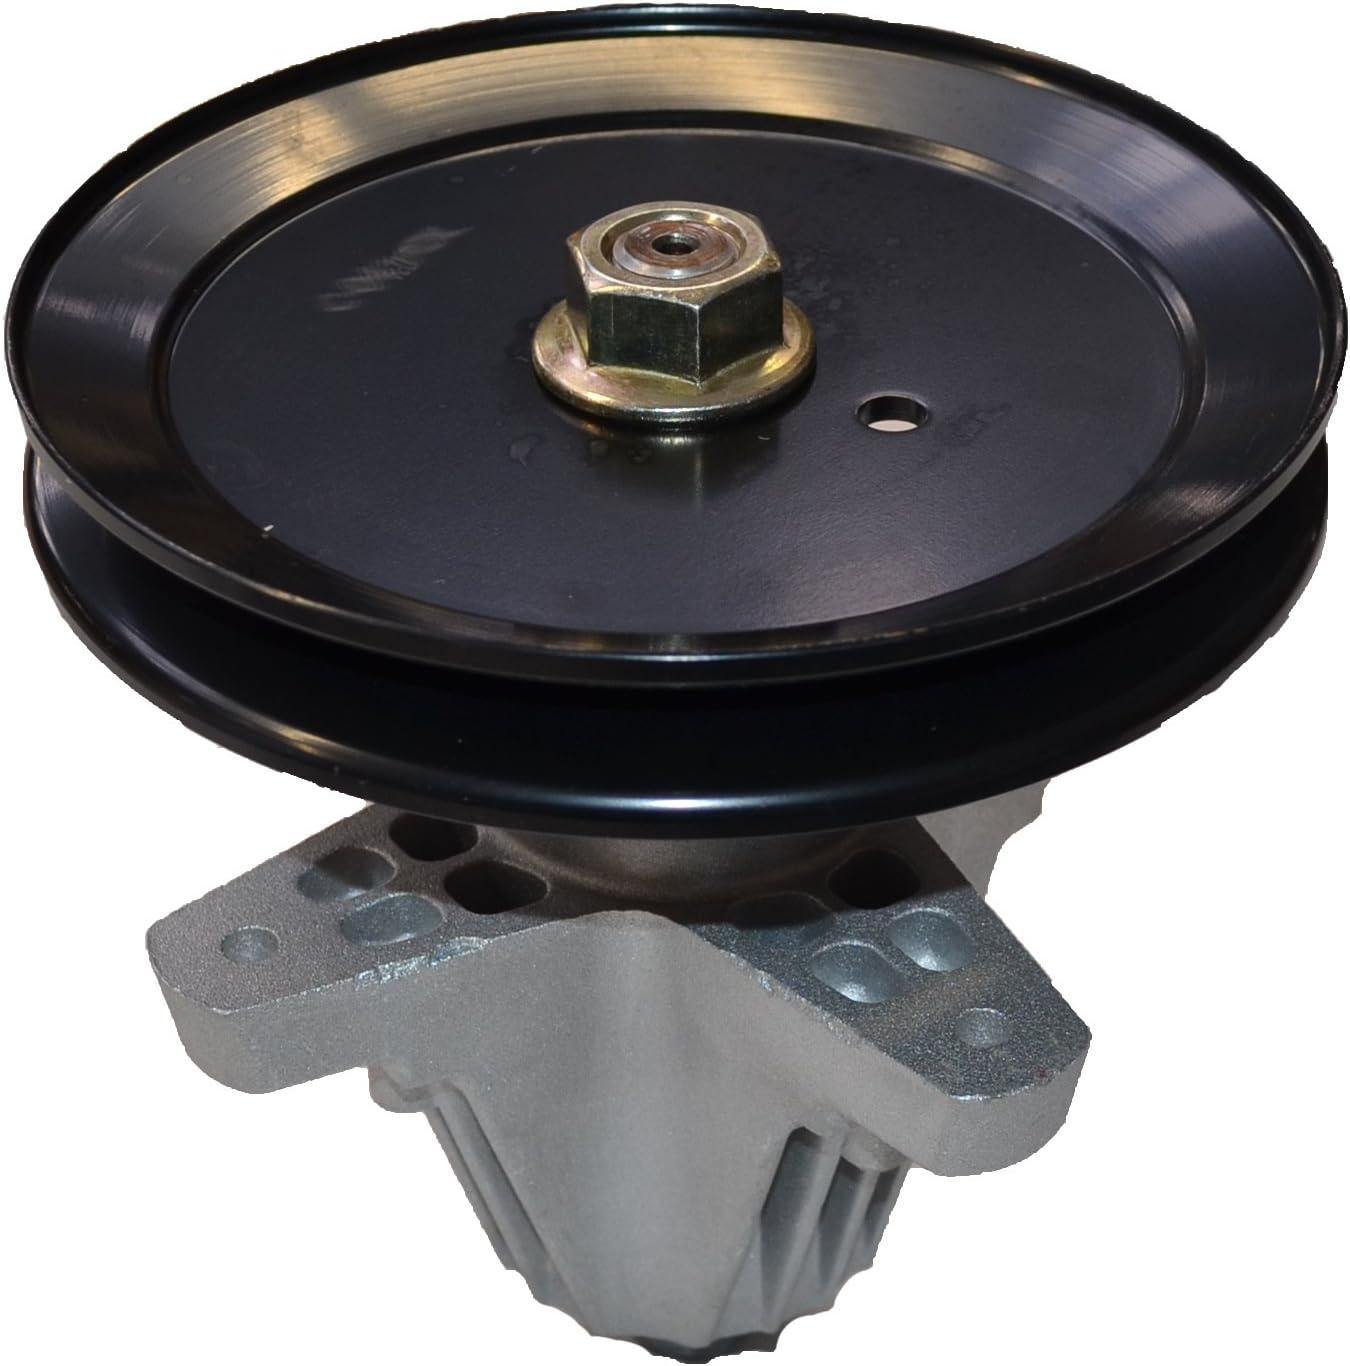 Amazon.com: OakTen 918-06989 918-06989 - Repuesto de montaje ...